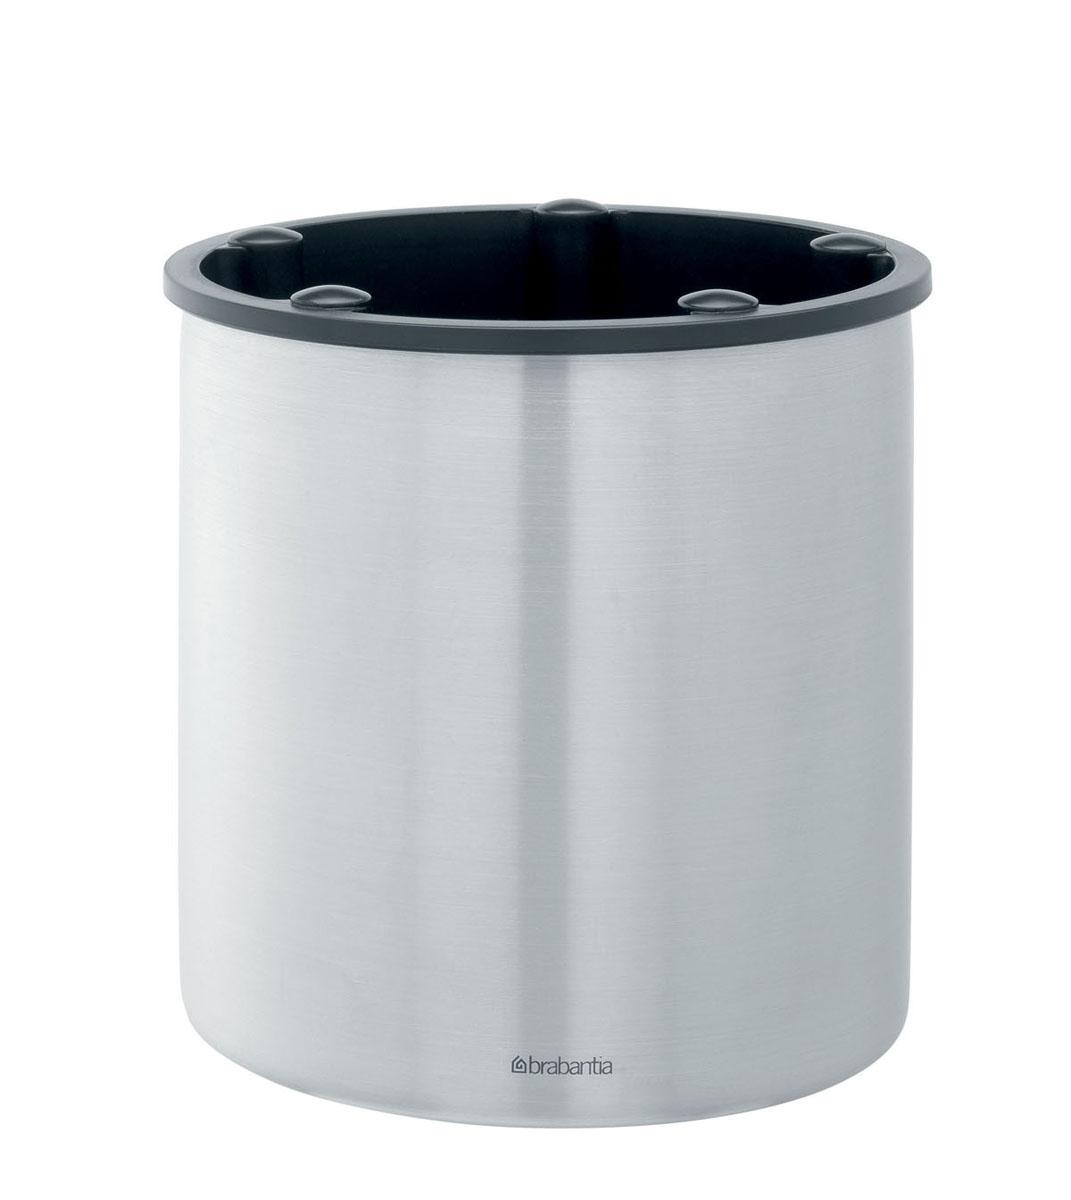 Подставка для кухонных принадлежностей Brabantia. 313066313066Удобная очистка – можно мыть в посудомоечной машине. Подставка изготовлена из нержавеющей стали. Имеет съемный пластиковый стакан.